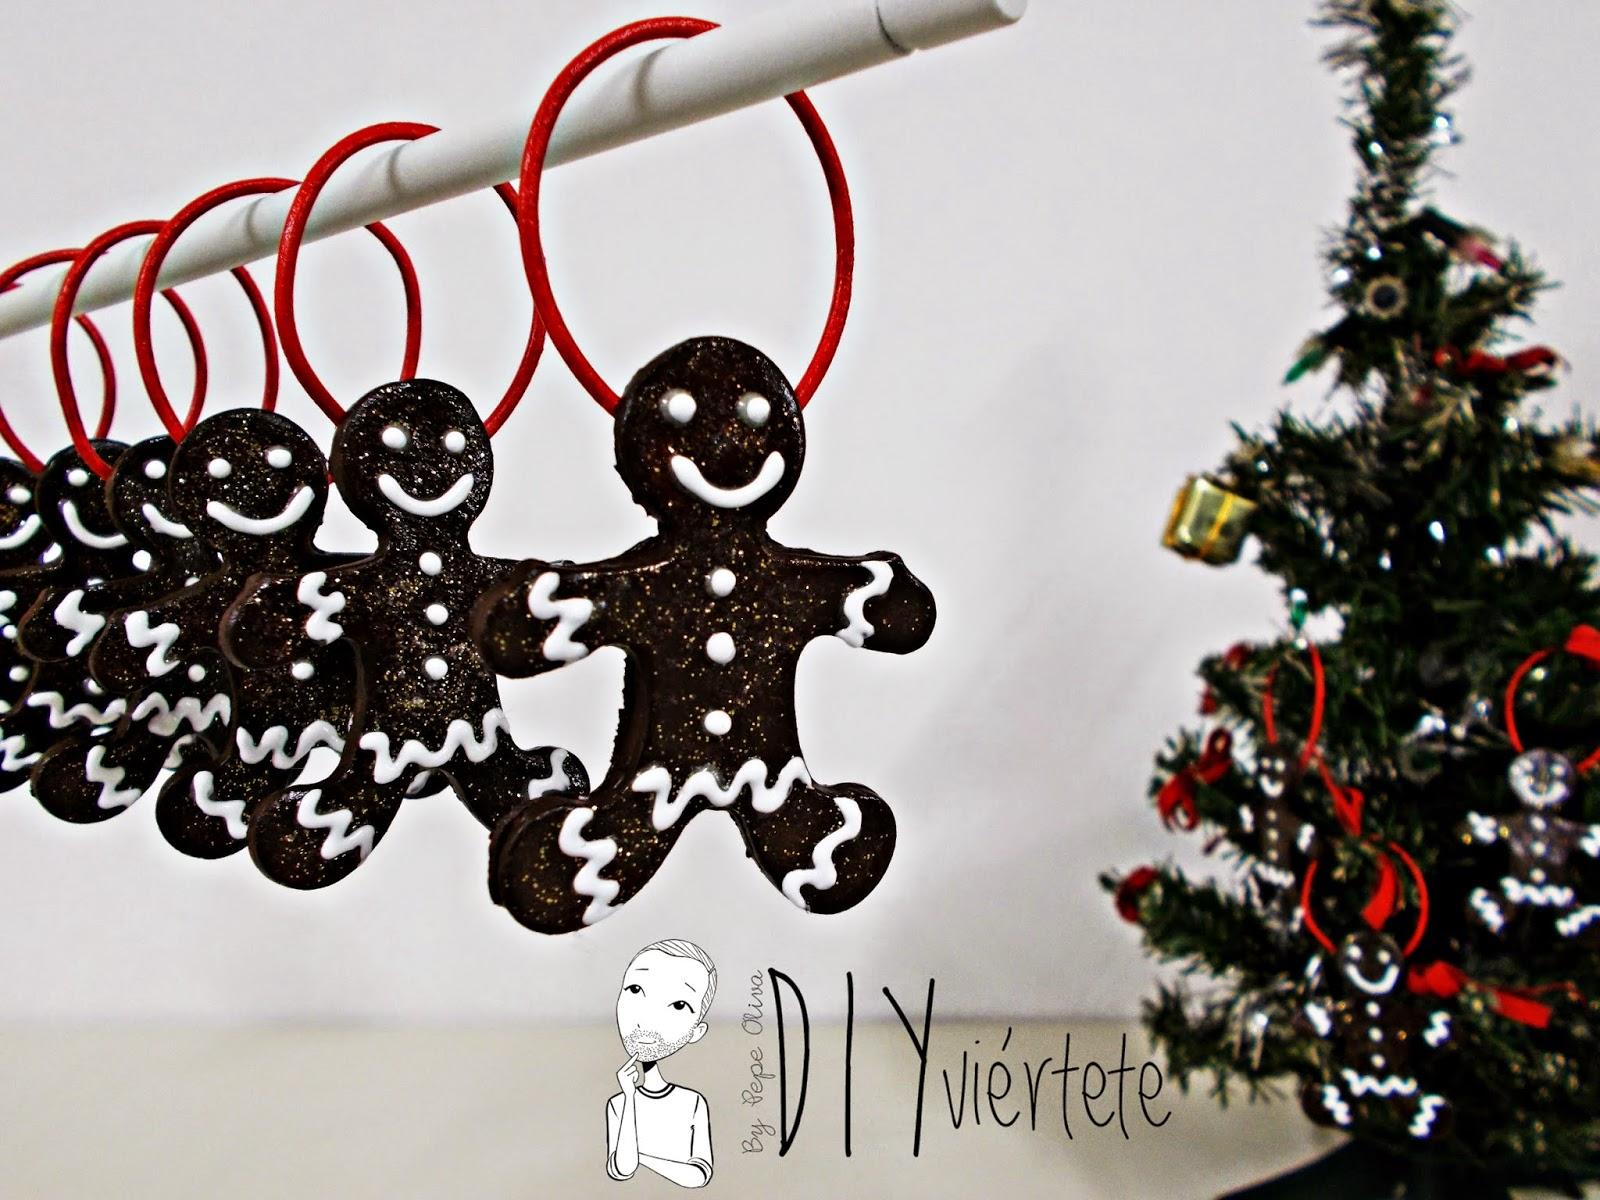 DIY-adorno navideño-ideas decoración-pasta de modelar-porcelana fria-fimo-arcilla polimérica-galleta-muñeco jengibre-Navidad- (1)